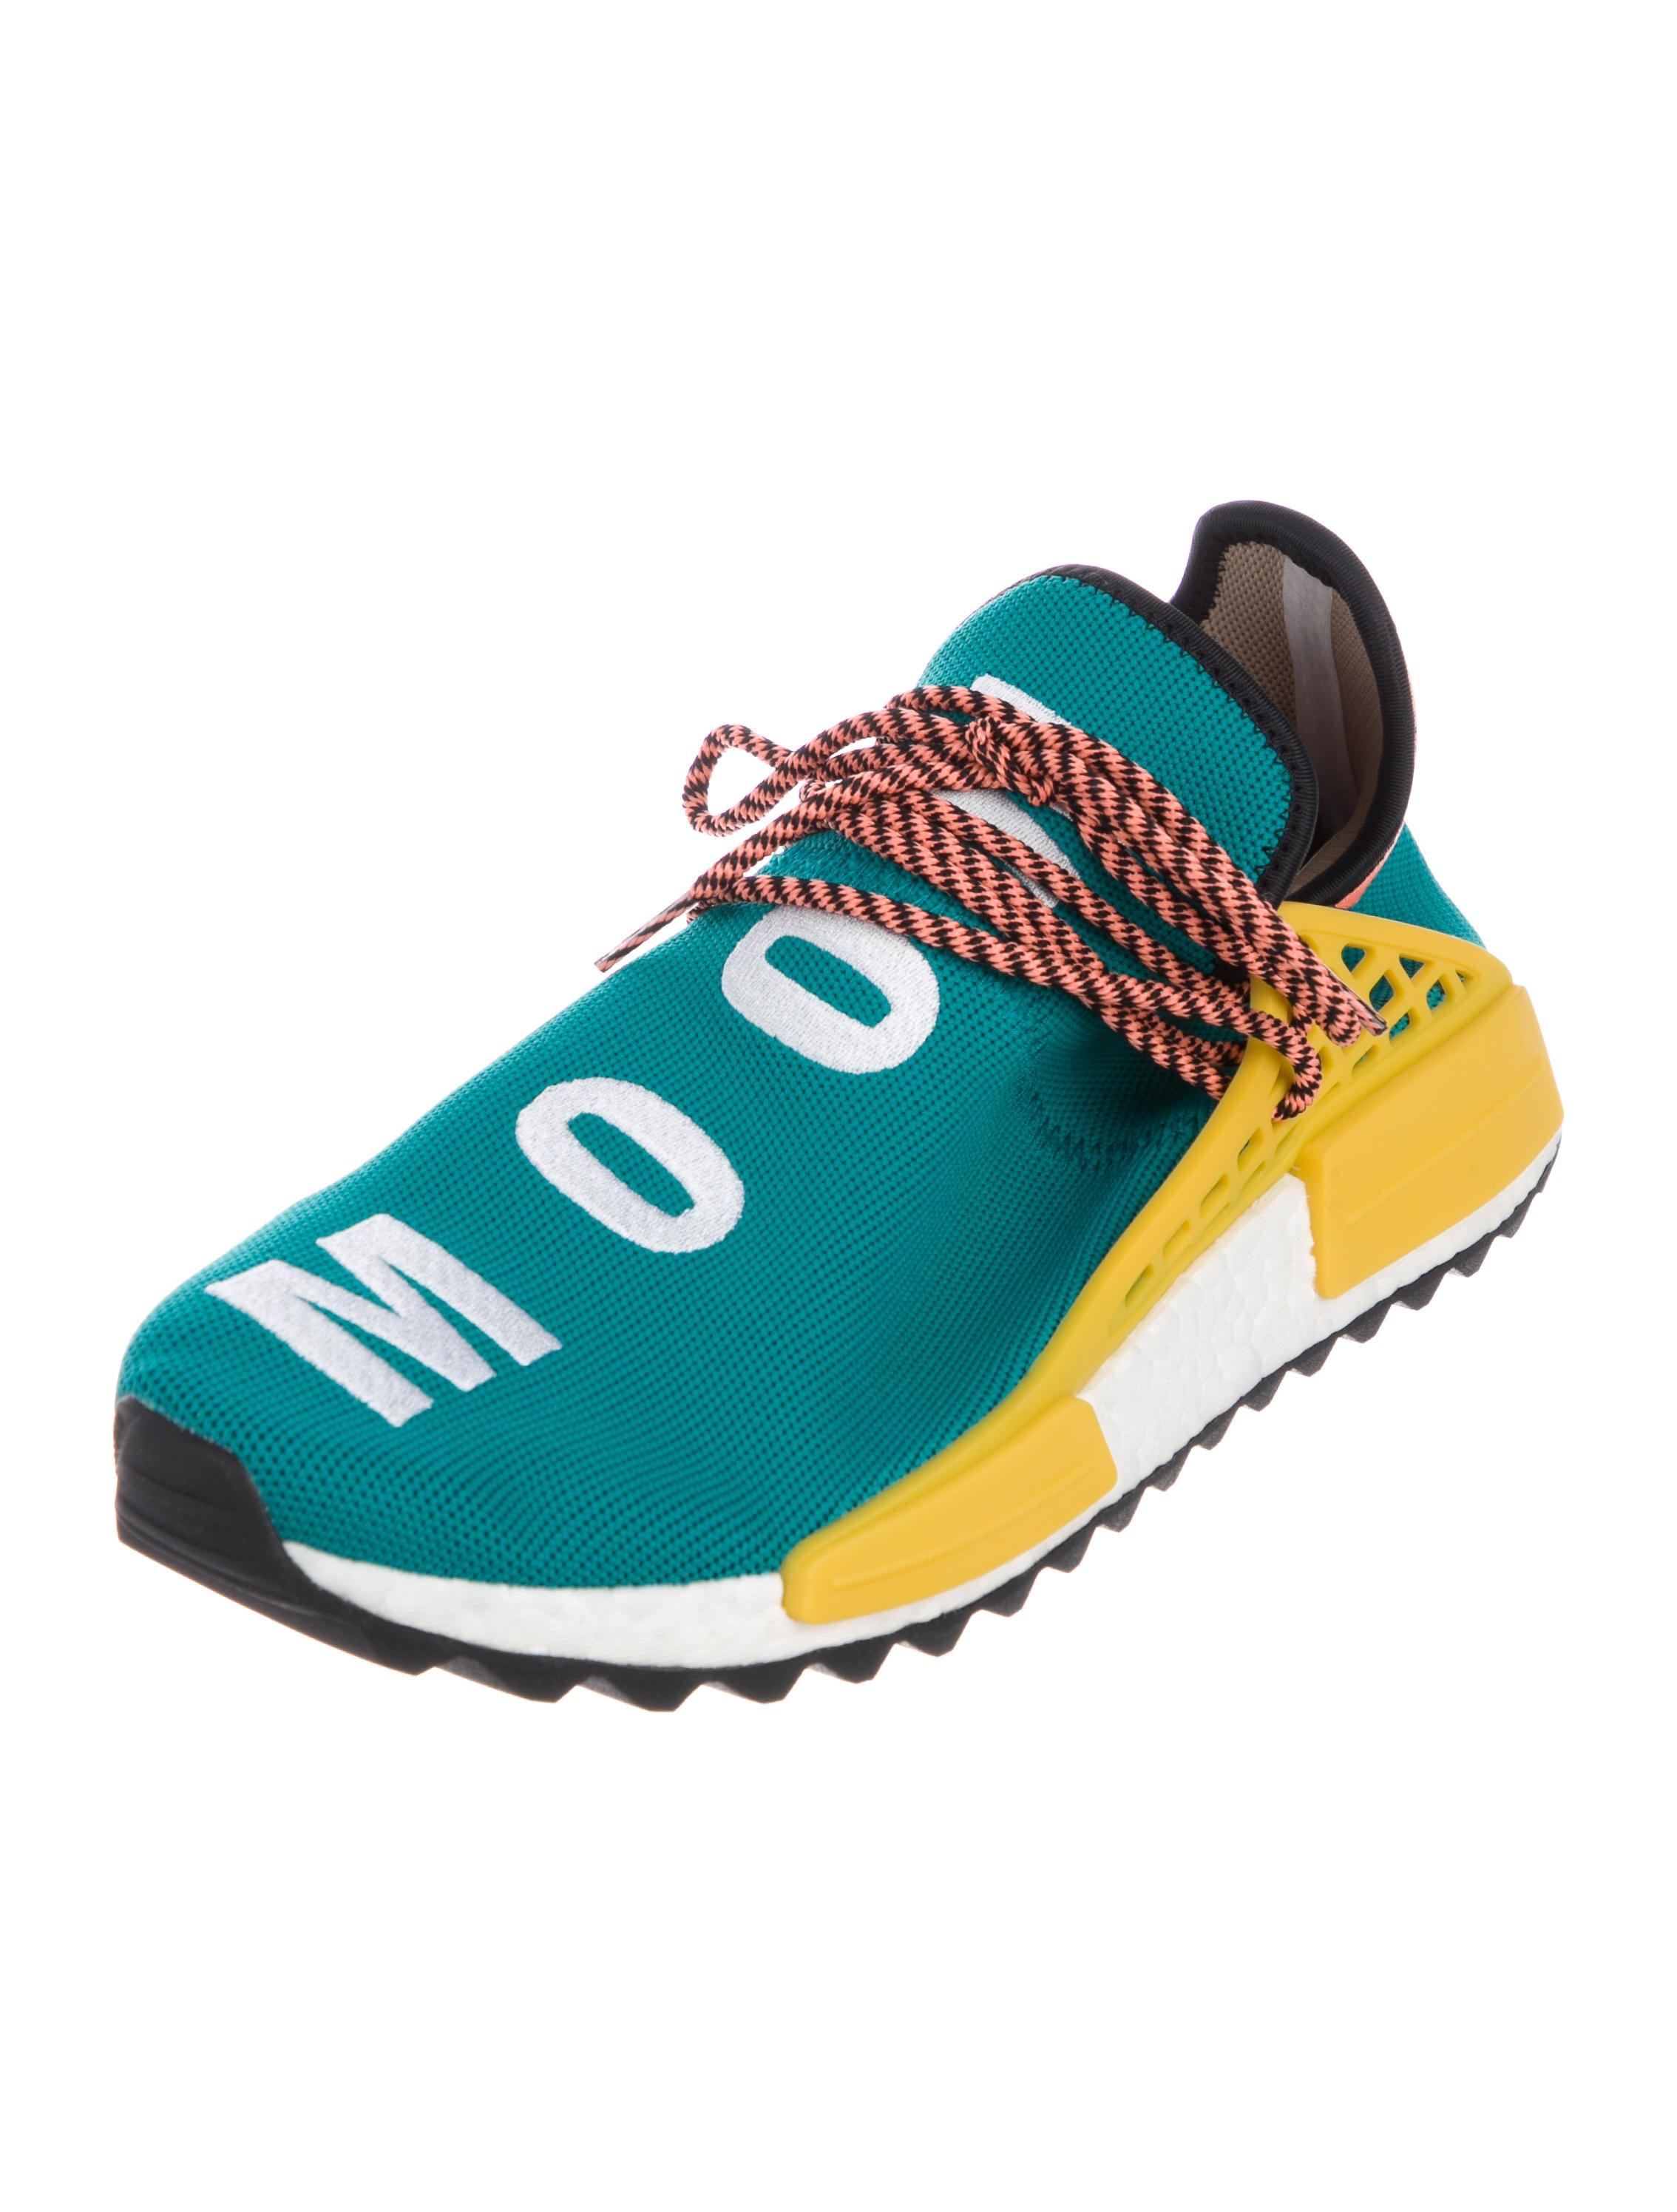 Pharrell Williams x Adidas 2017 Human Race NMD Sun Glow Sneakers w